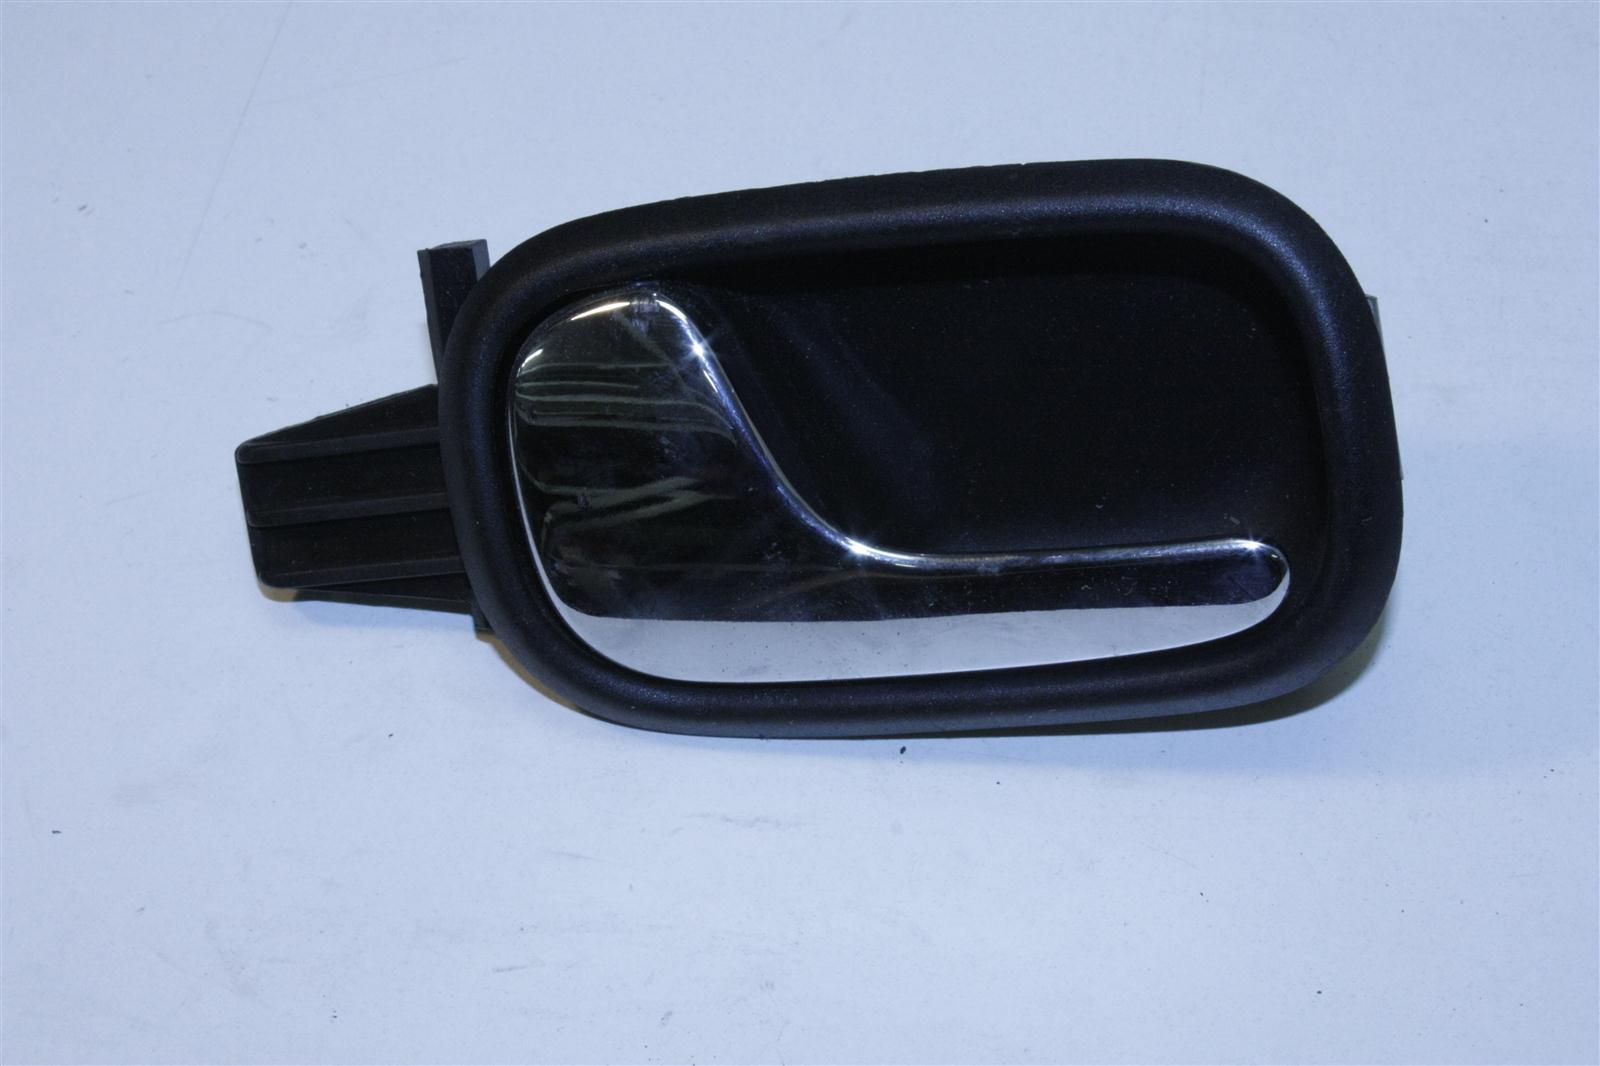 Audi A4 B5 Innenbetätigung / Türgriff Hinten Links schwarz 8D0839019